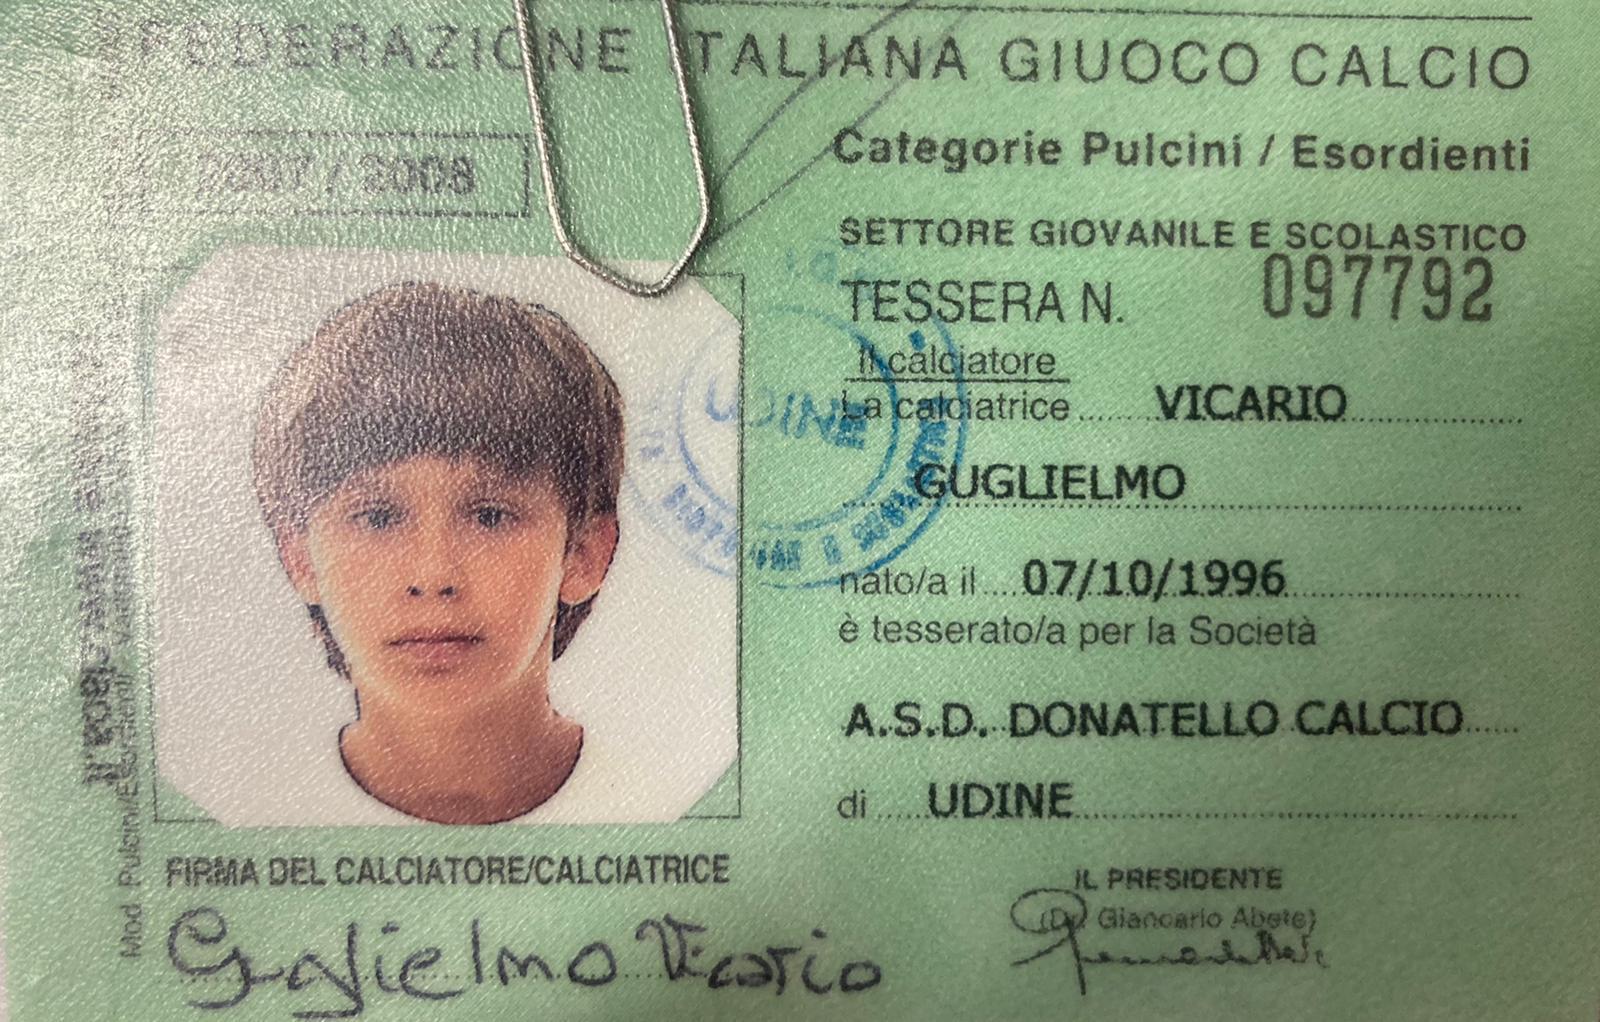 Guglielmo Vicario è nato il 7 ottobre 1996 (età 24 anni)